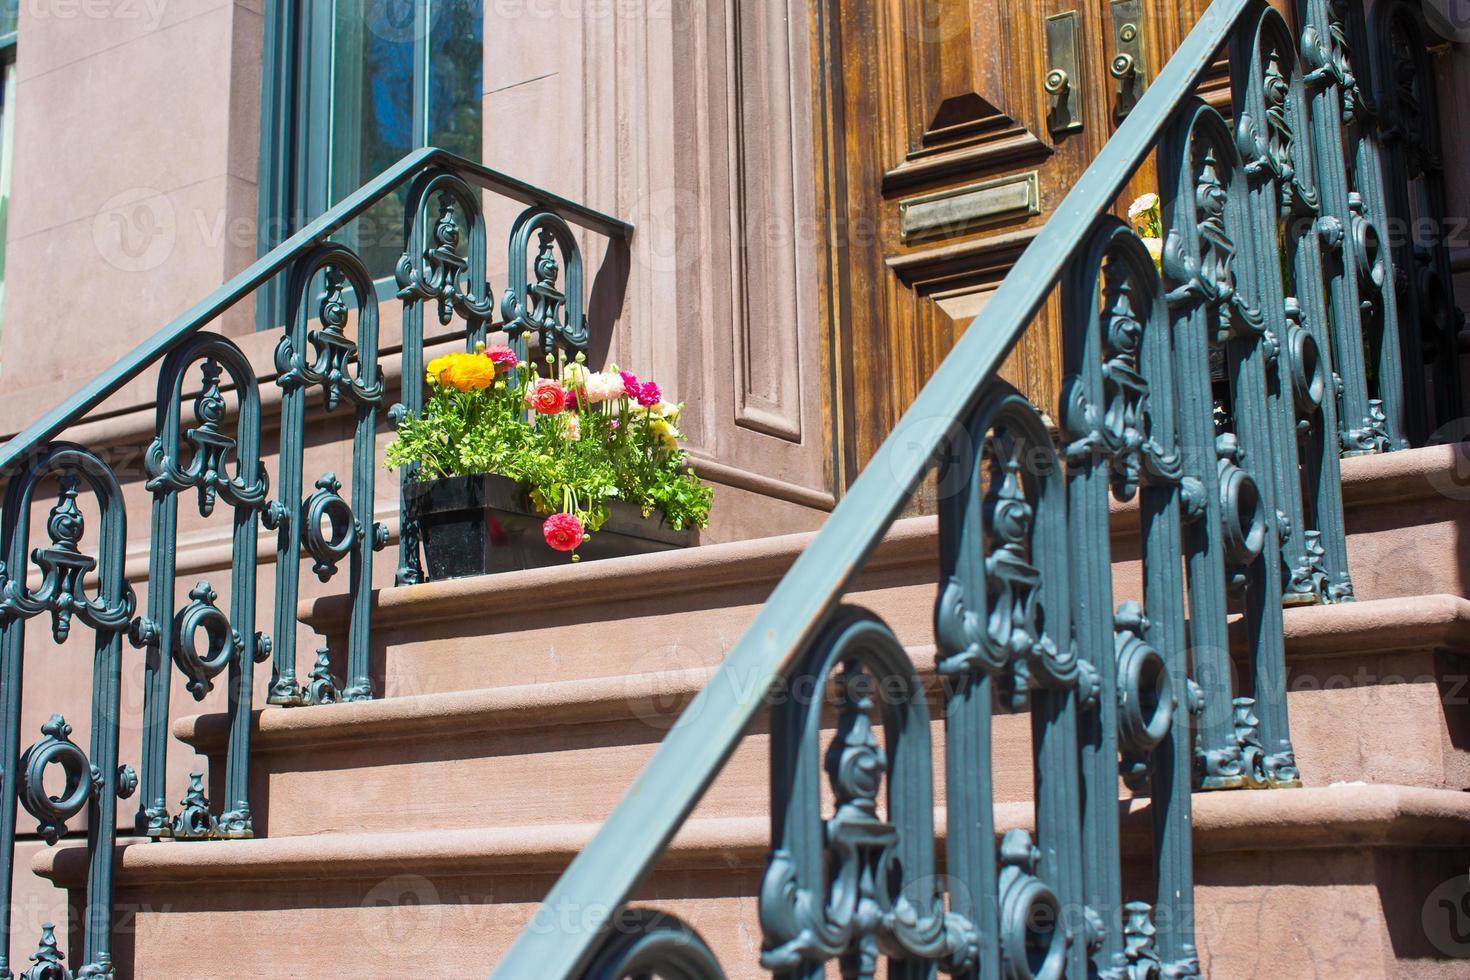 oude huizen met trappen in de historische wijk van West Village foto